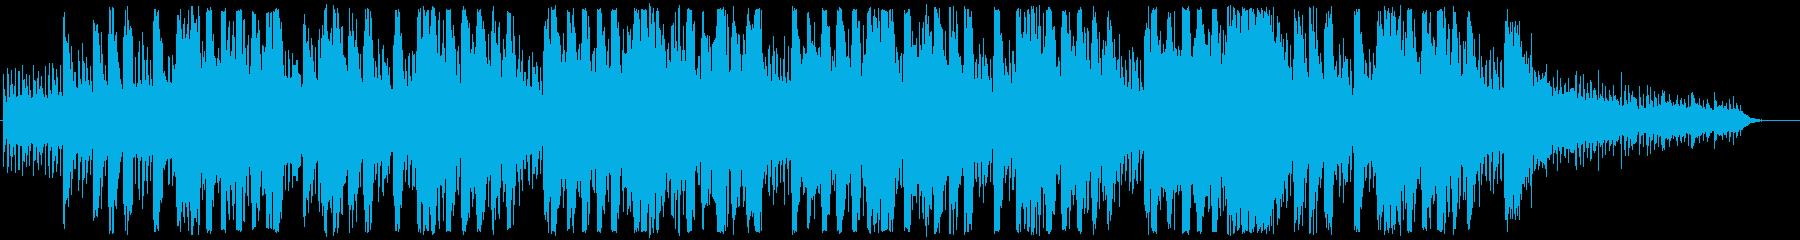 プログレッシブ 交響曲 緊張感 感...の再生済みの波形